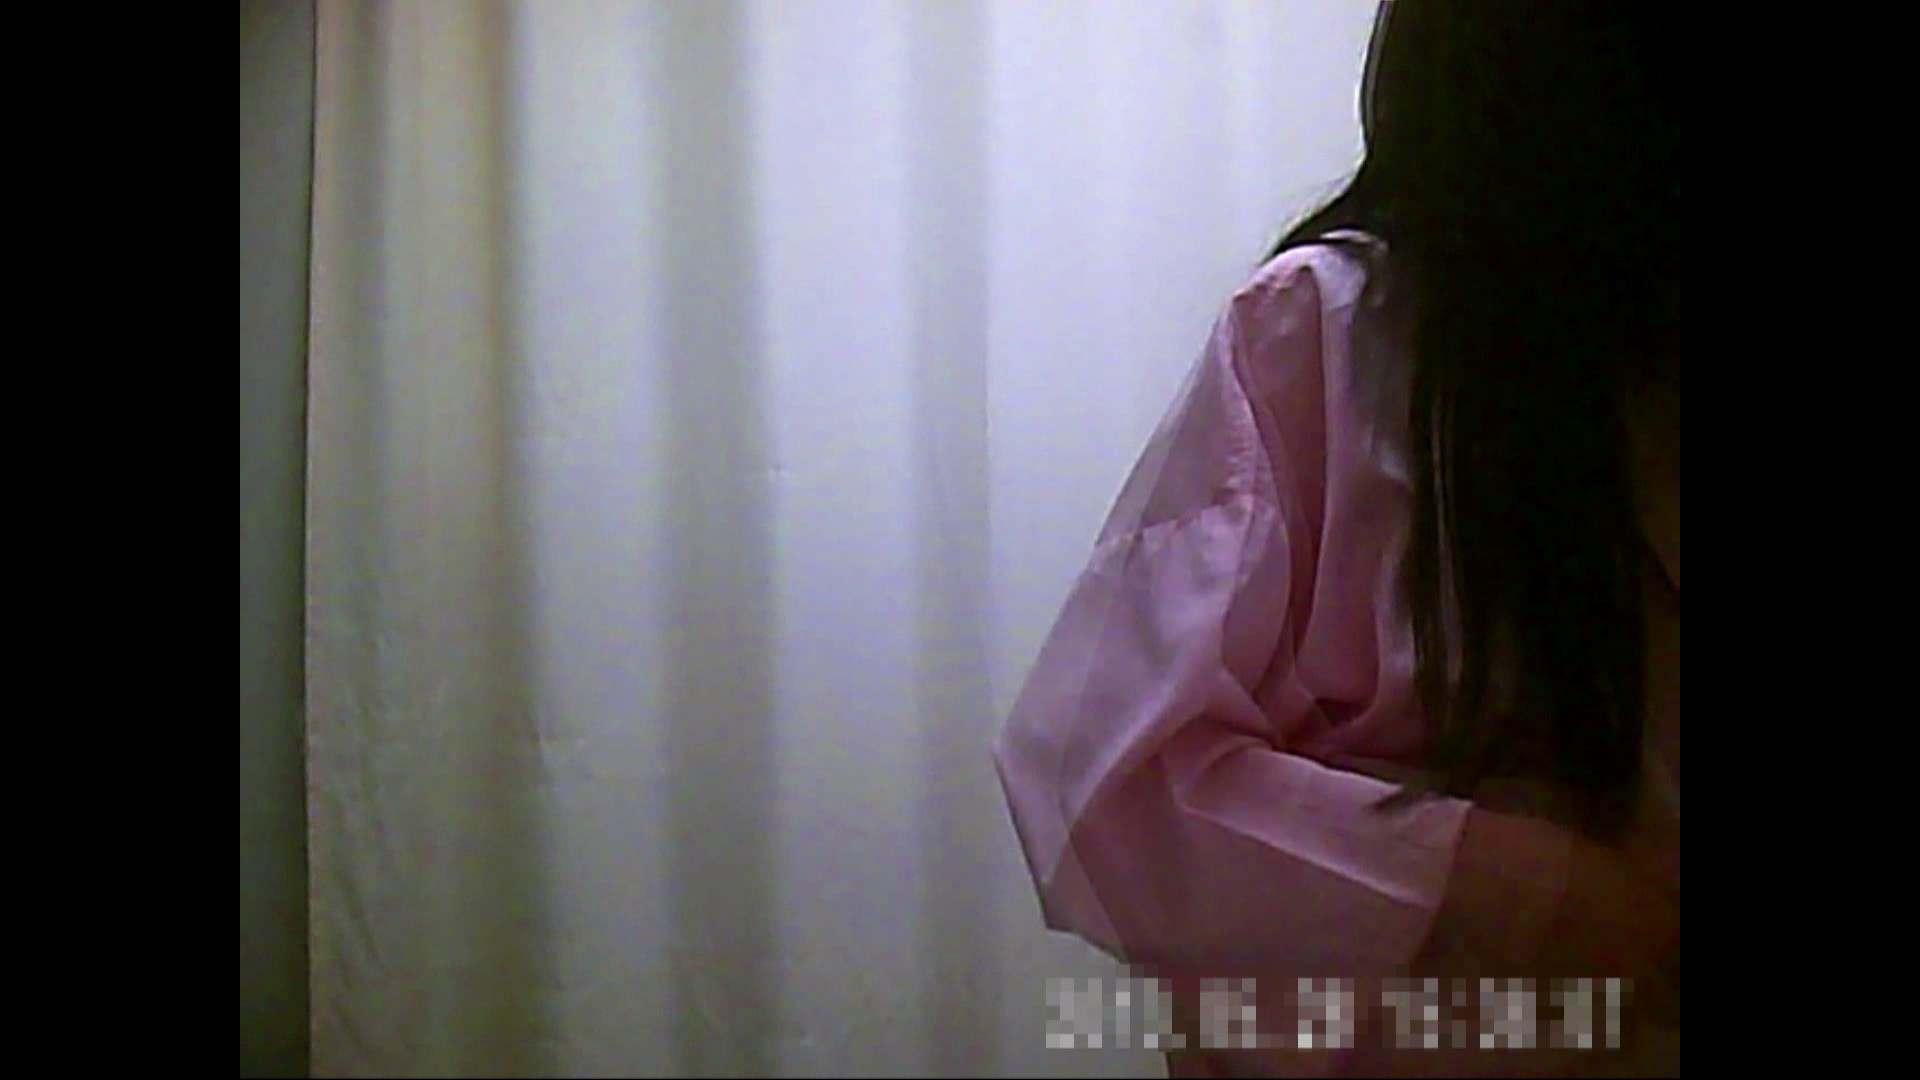 元医者による反抗 更衣室地獄絵巻 vol.041 お姉さんのSEX | ギャル達  106枚 7